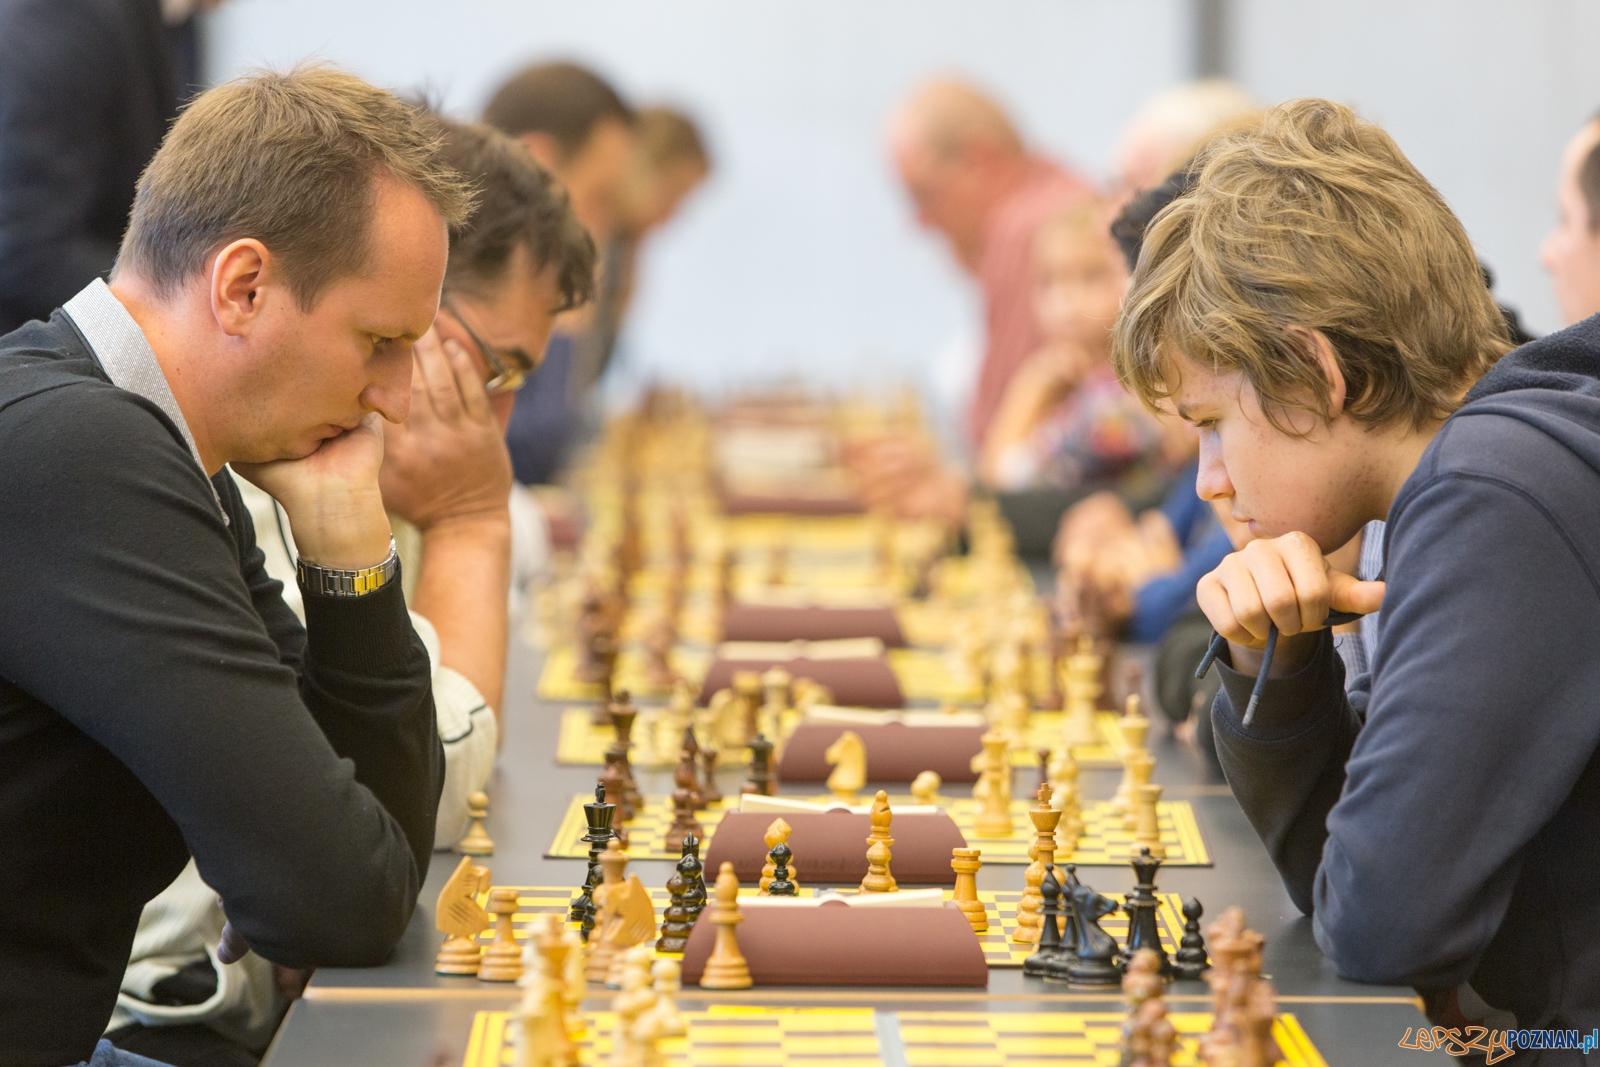 ChessManager Grand Prix - Turniej Szachowy w Bramie Poznania  Foto: lepszyPOZNAN.pl / Piotr Rychter